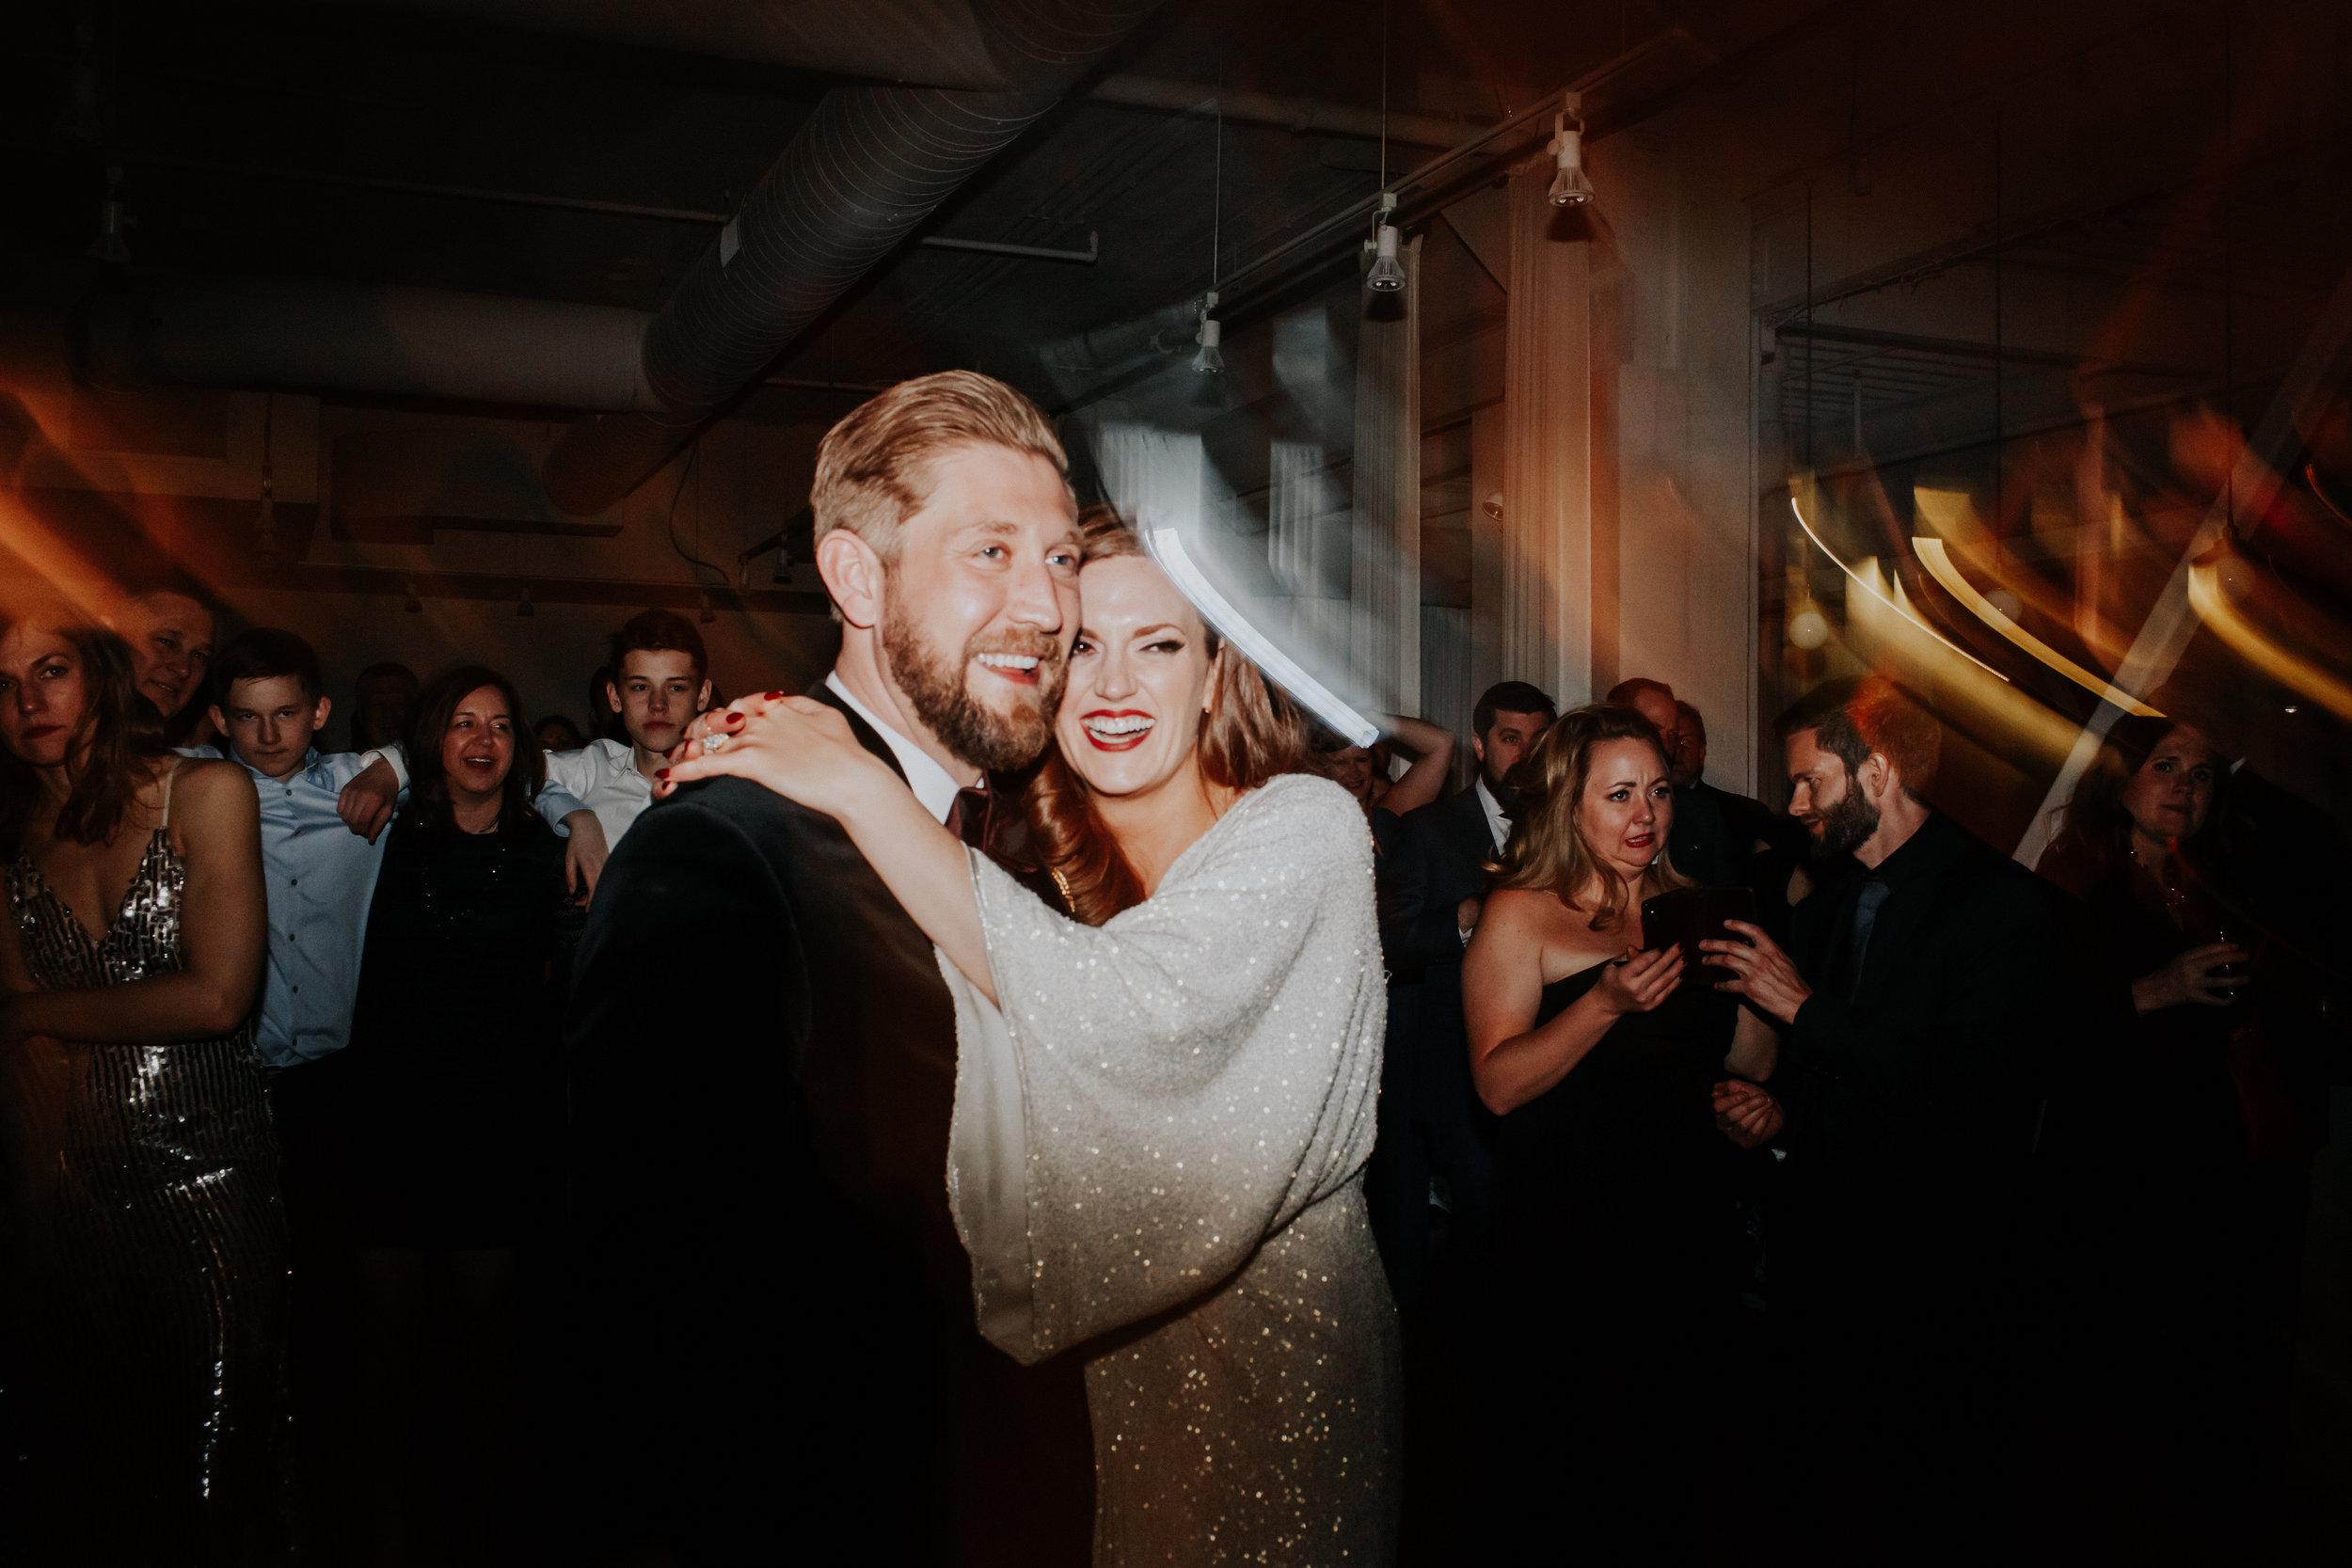 chicago illinois wedding photographers candid style